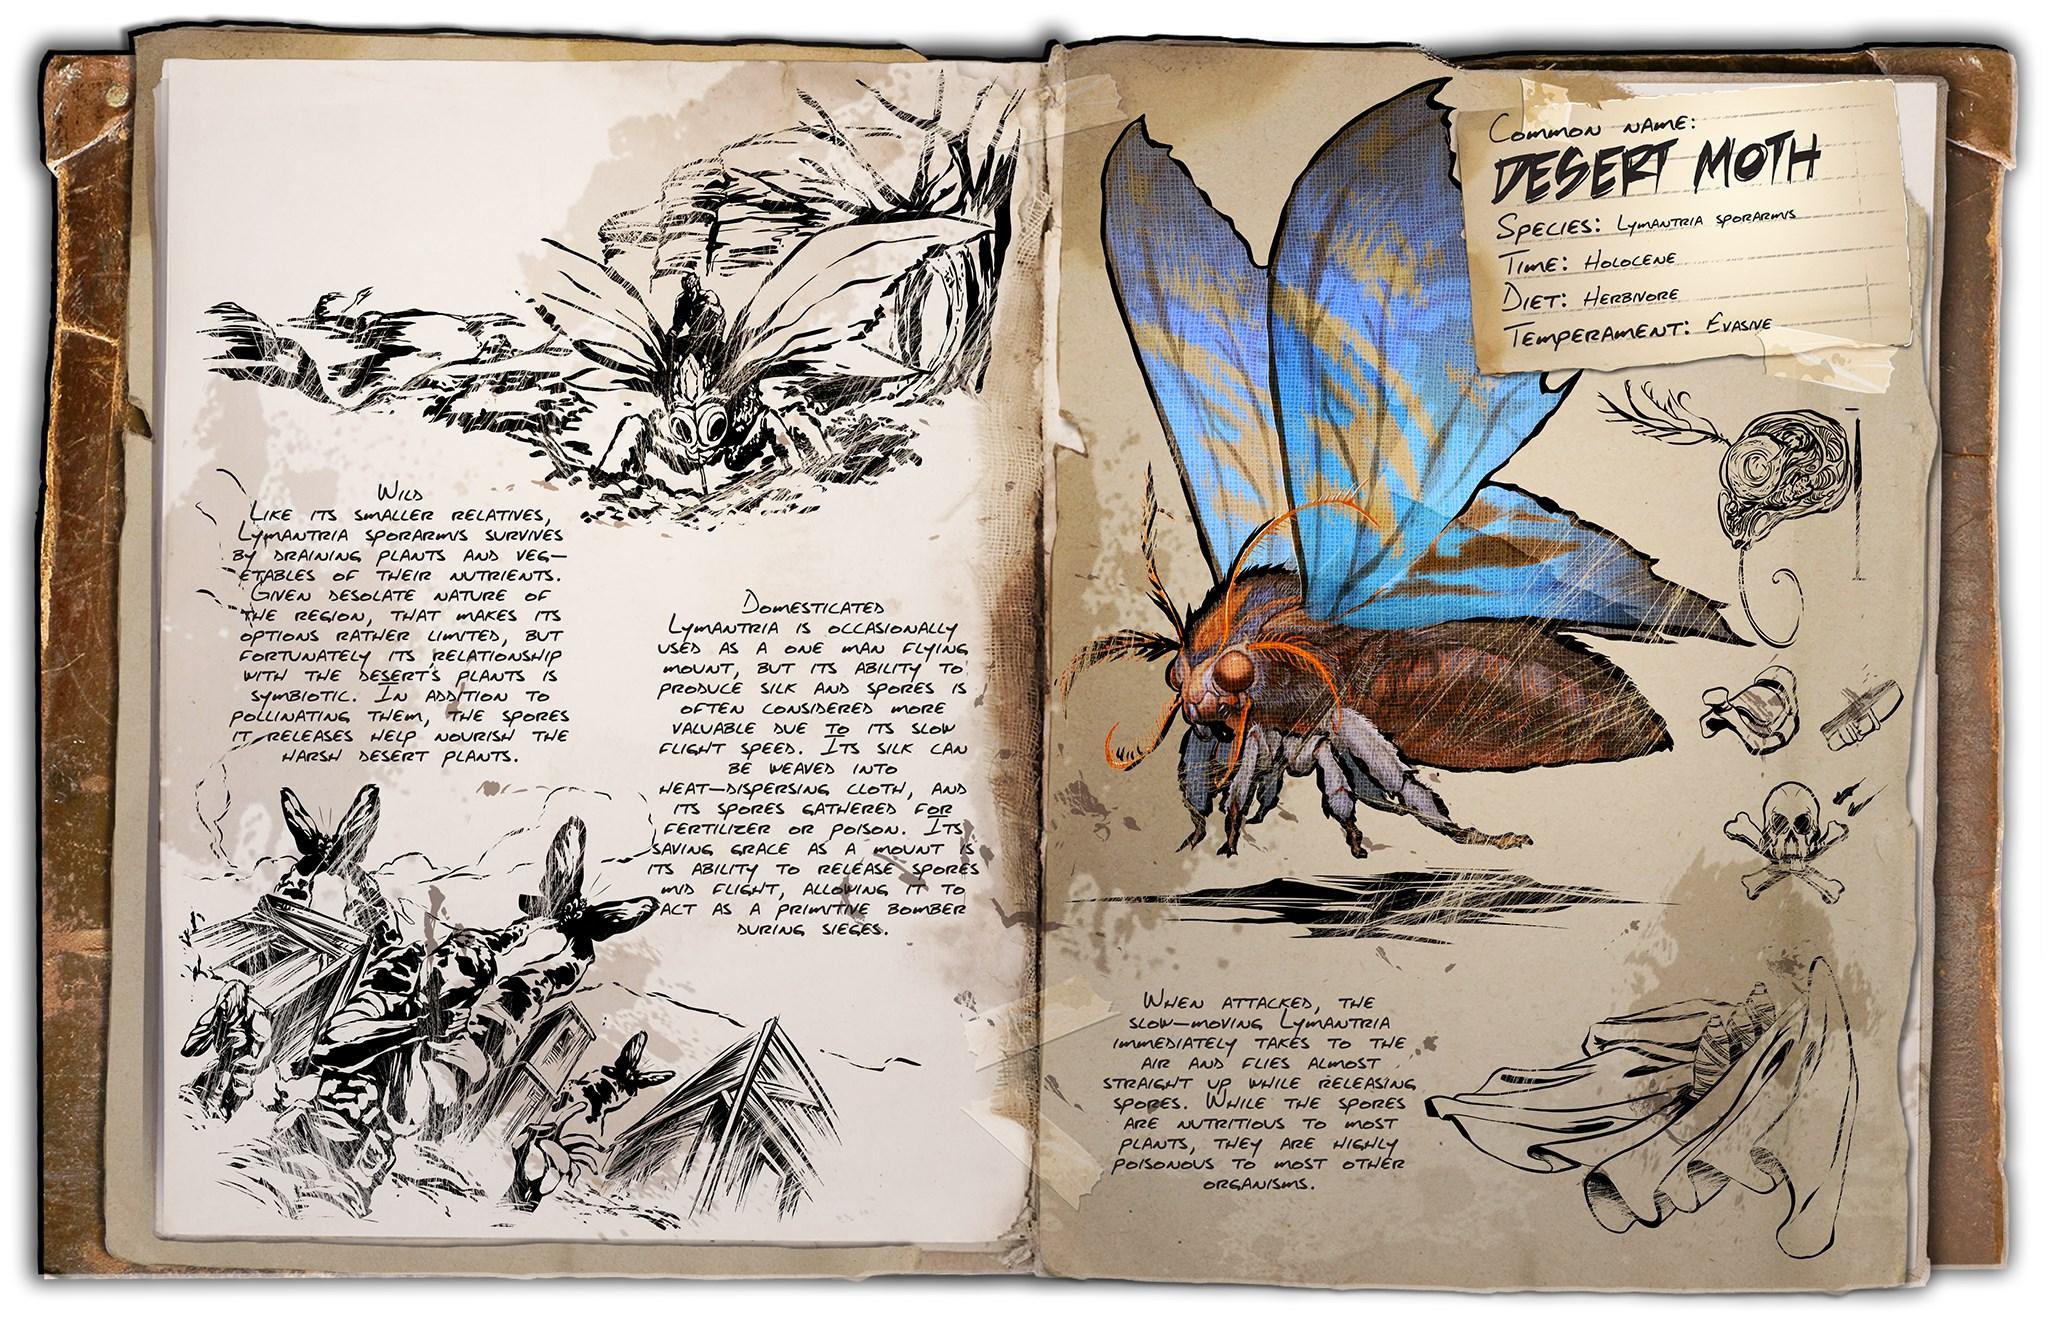 Lymantria motte scorched earth wiki ark survival evolved 25760 mal gelesen malvernweather Gallery